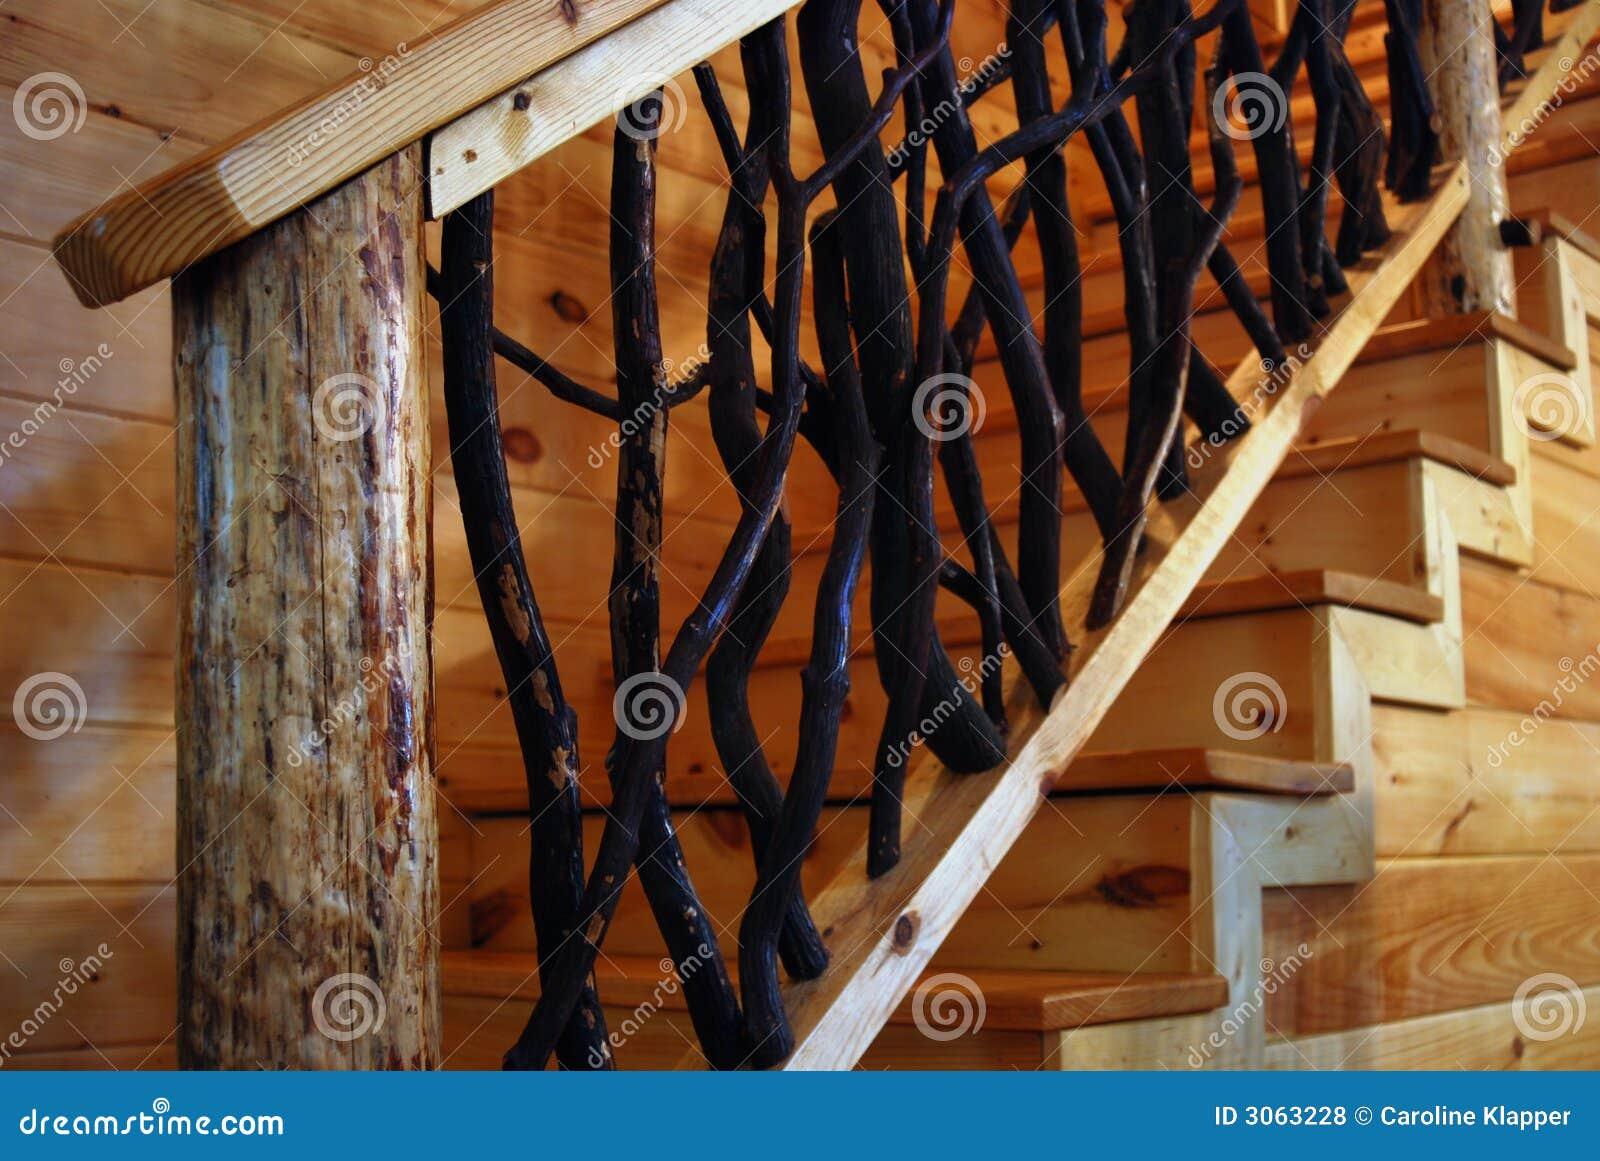 Escalera de madera r stica fotos de archivo libres de - Escaleras rusticas de madera ...